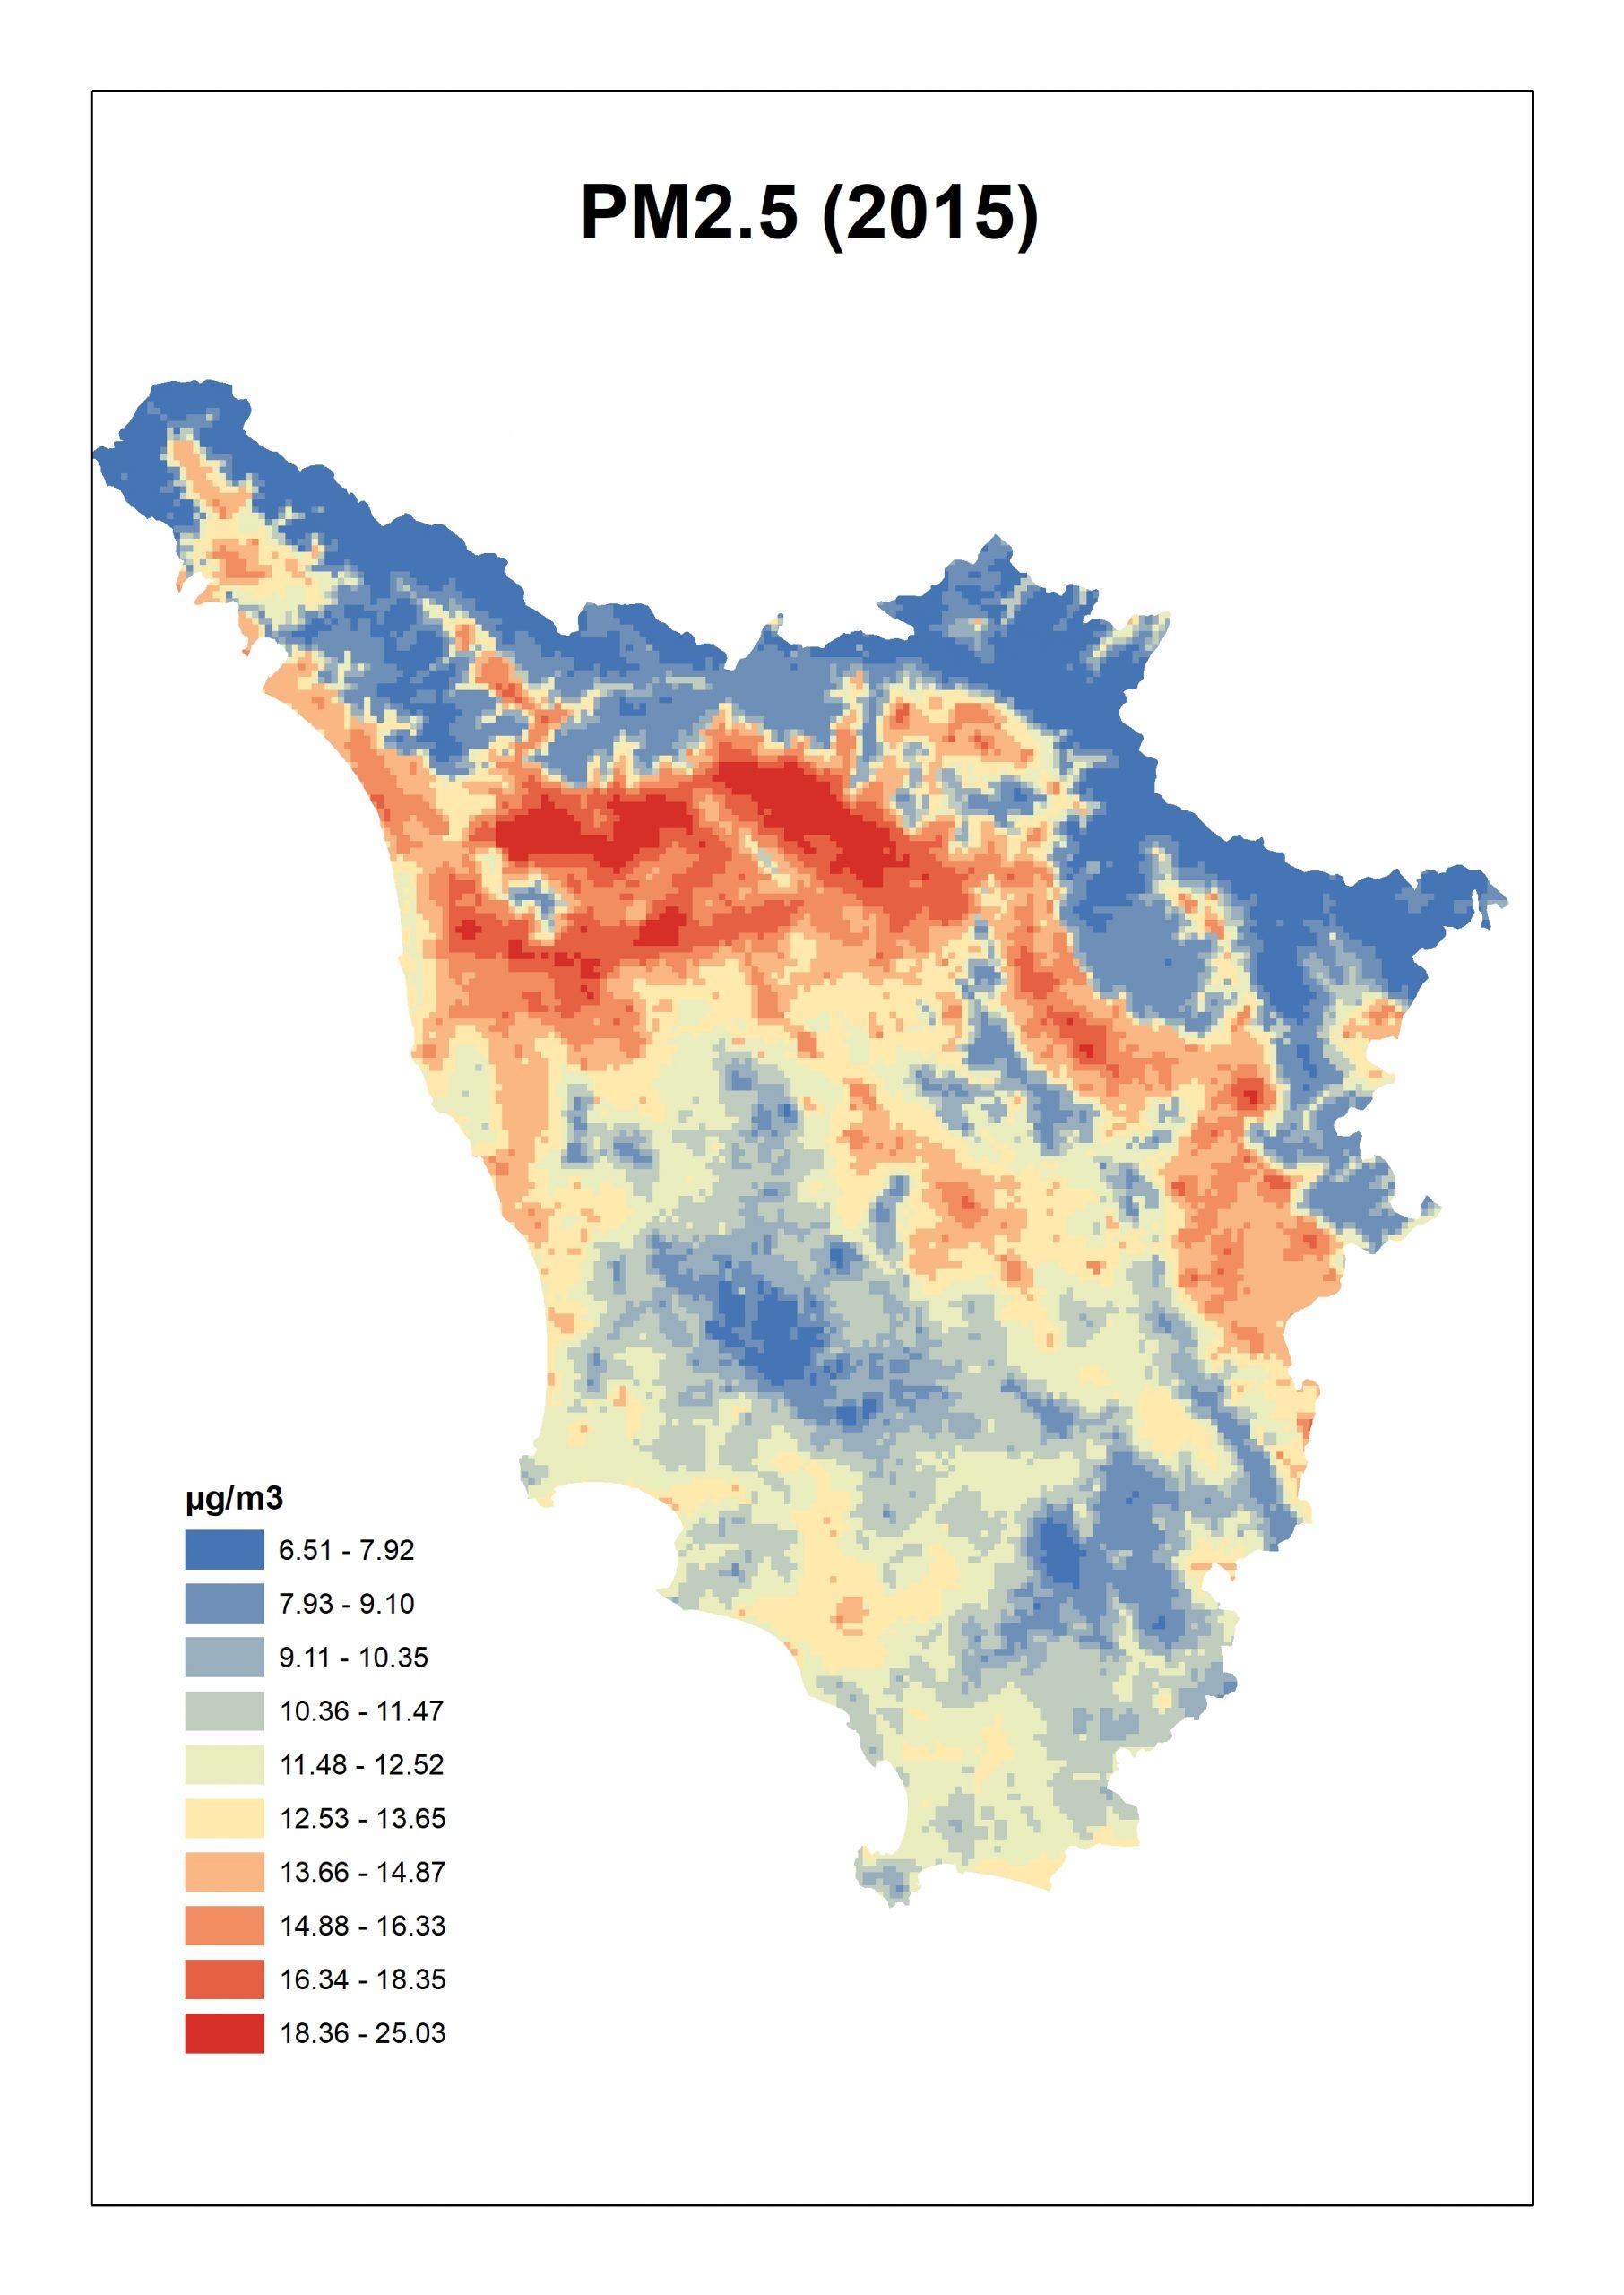 Figura 3. Concentrazioni stimate per il PM2.5 per la Toscana media annua 2015.